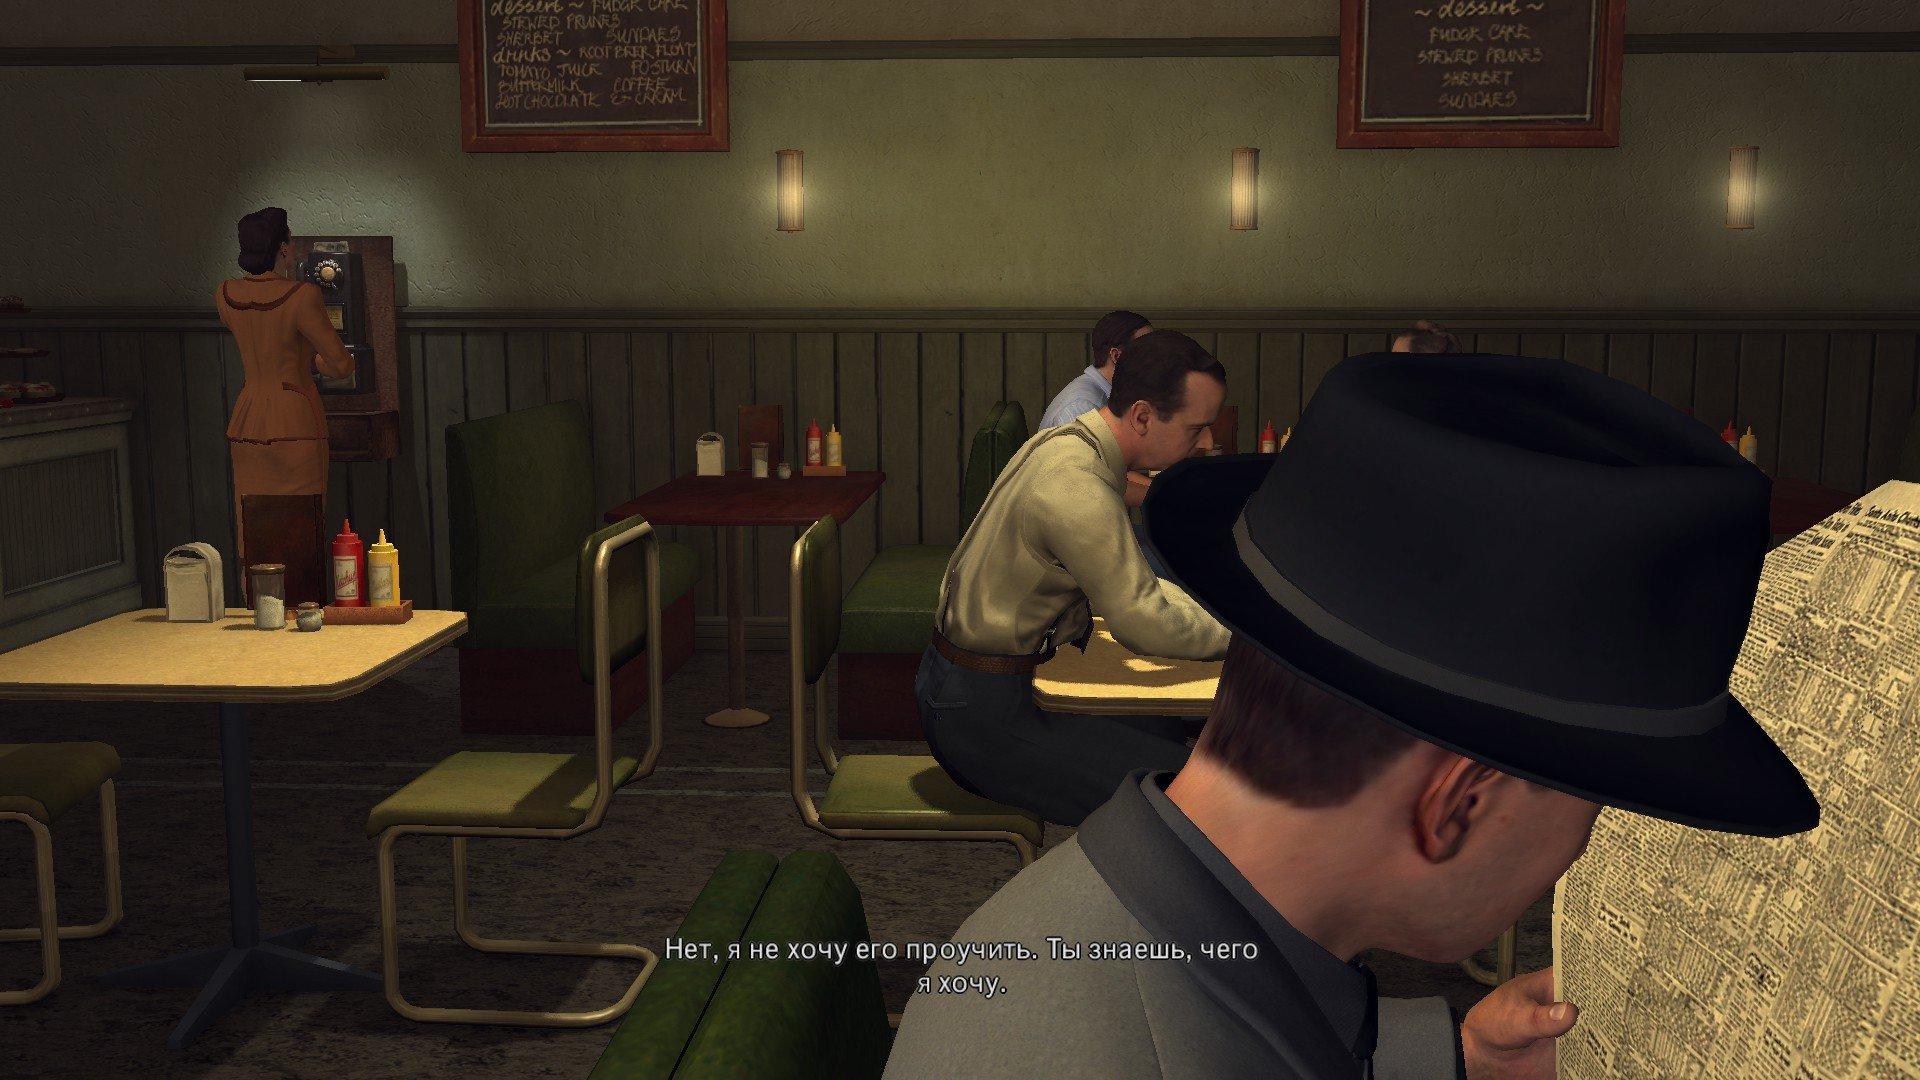 Пост-прохождение L.A. Noire Часть 5 - Изображение 23